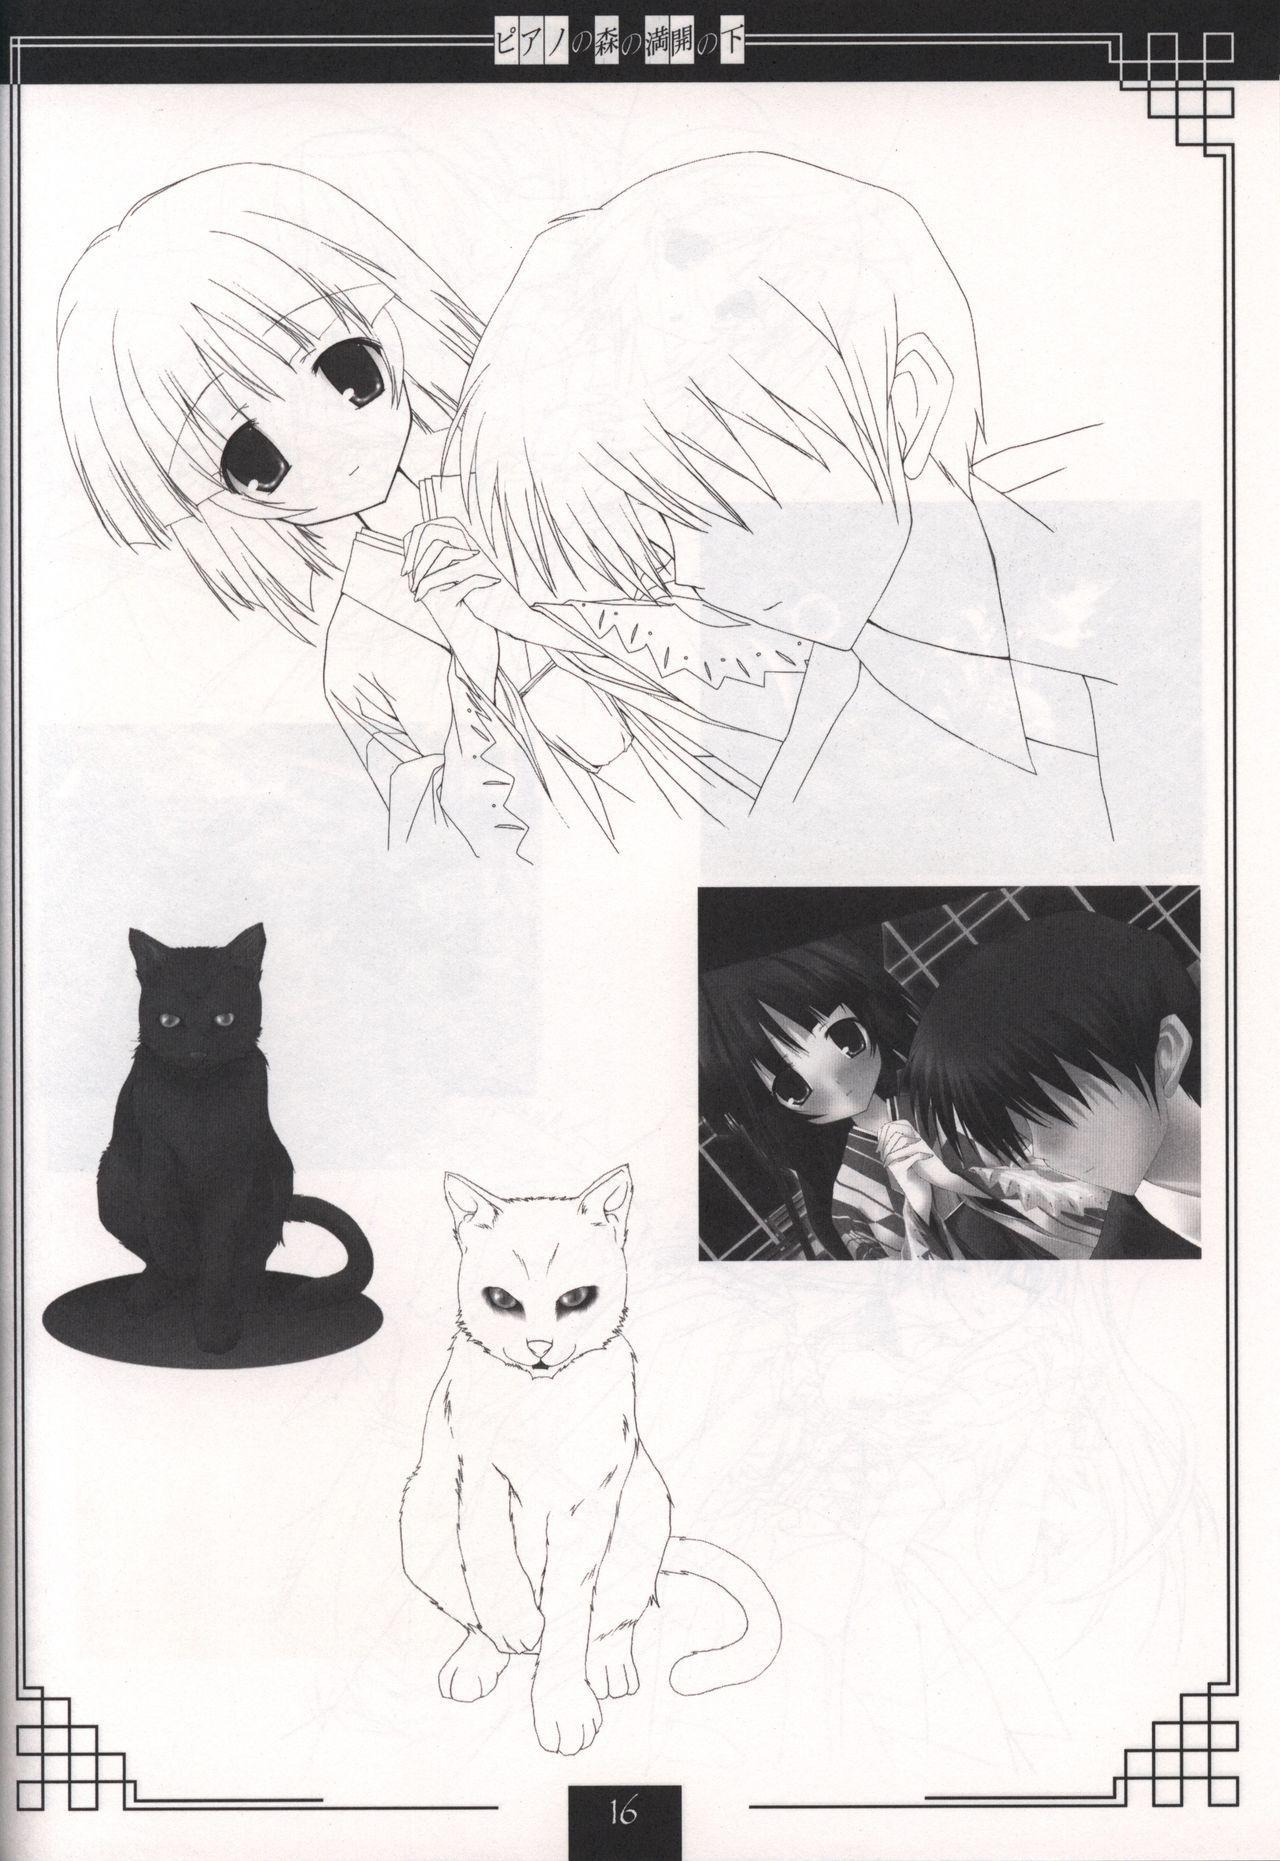 Piano no Mori no Mankai no Shita illustration art book 14